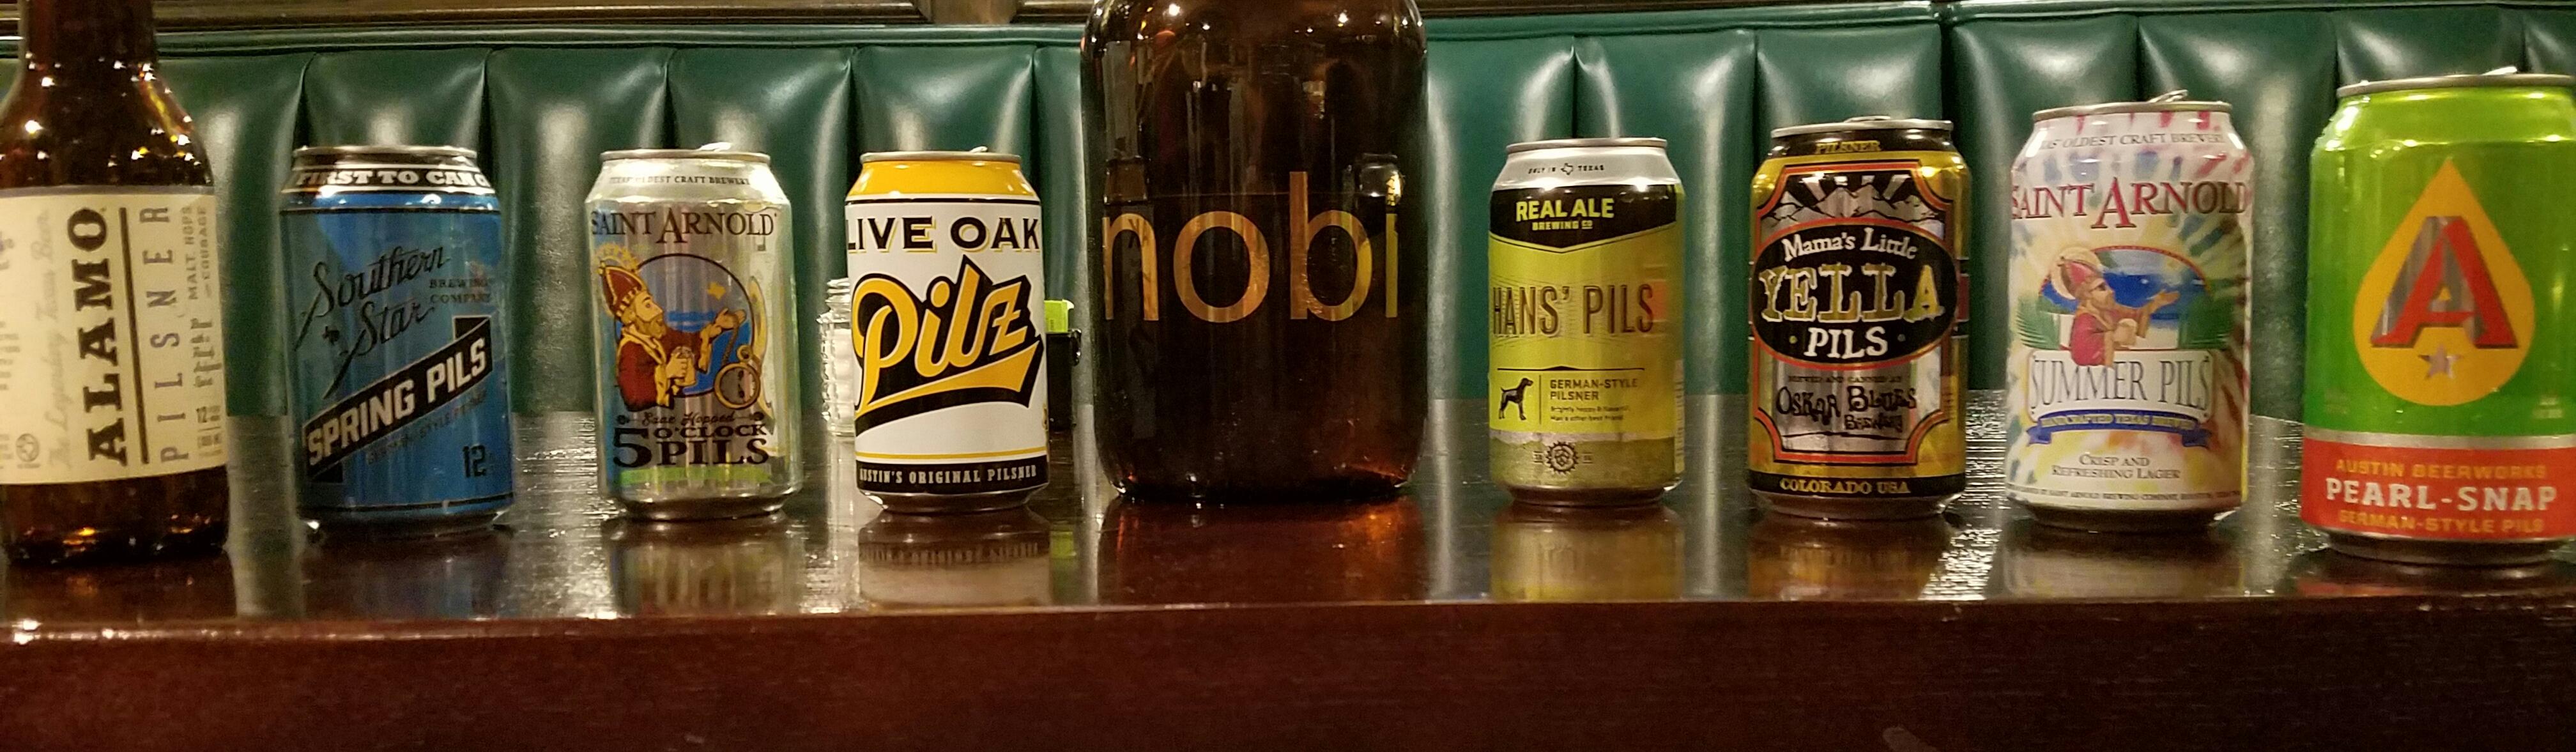 Pilsner Tasting Beer Lineup